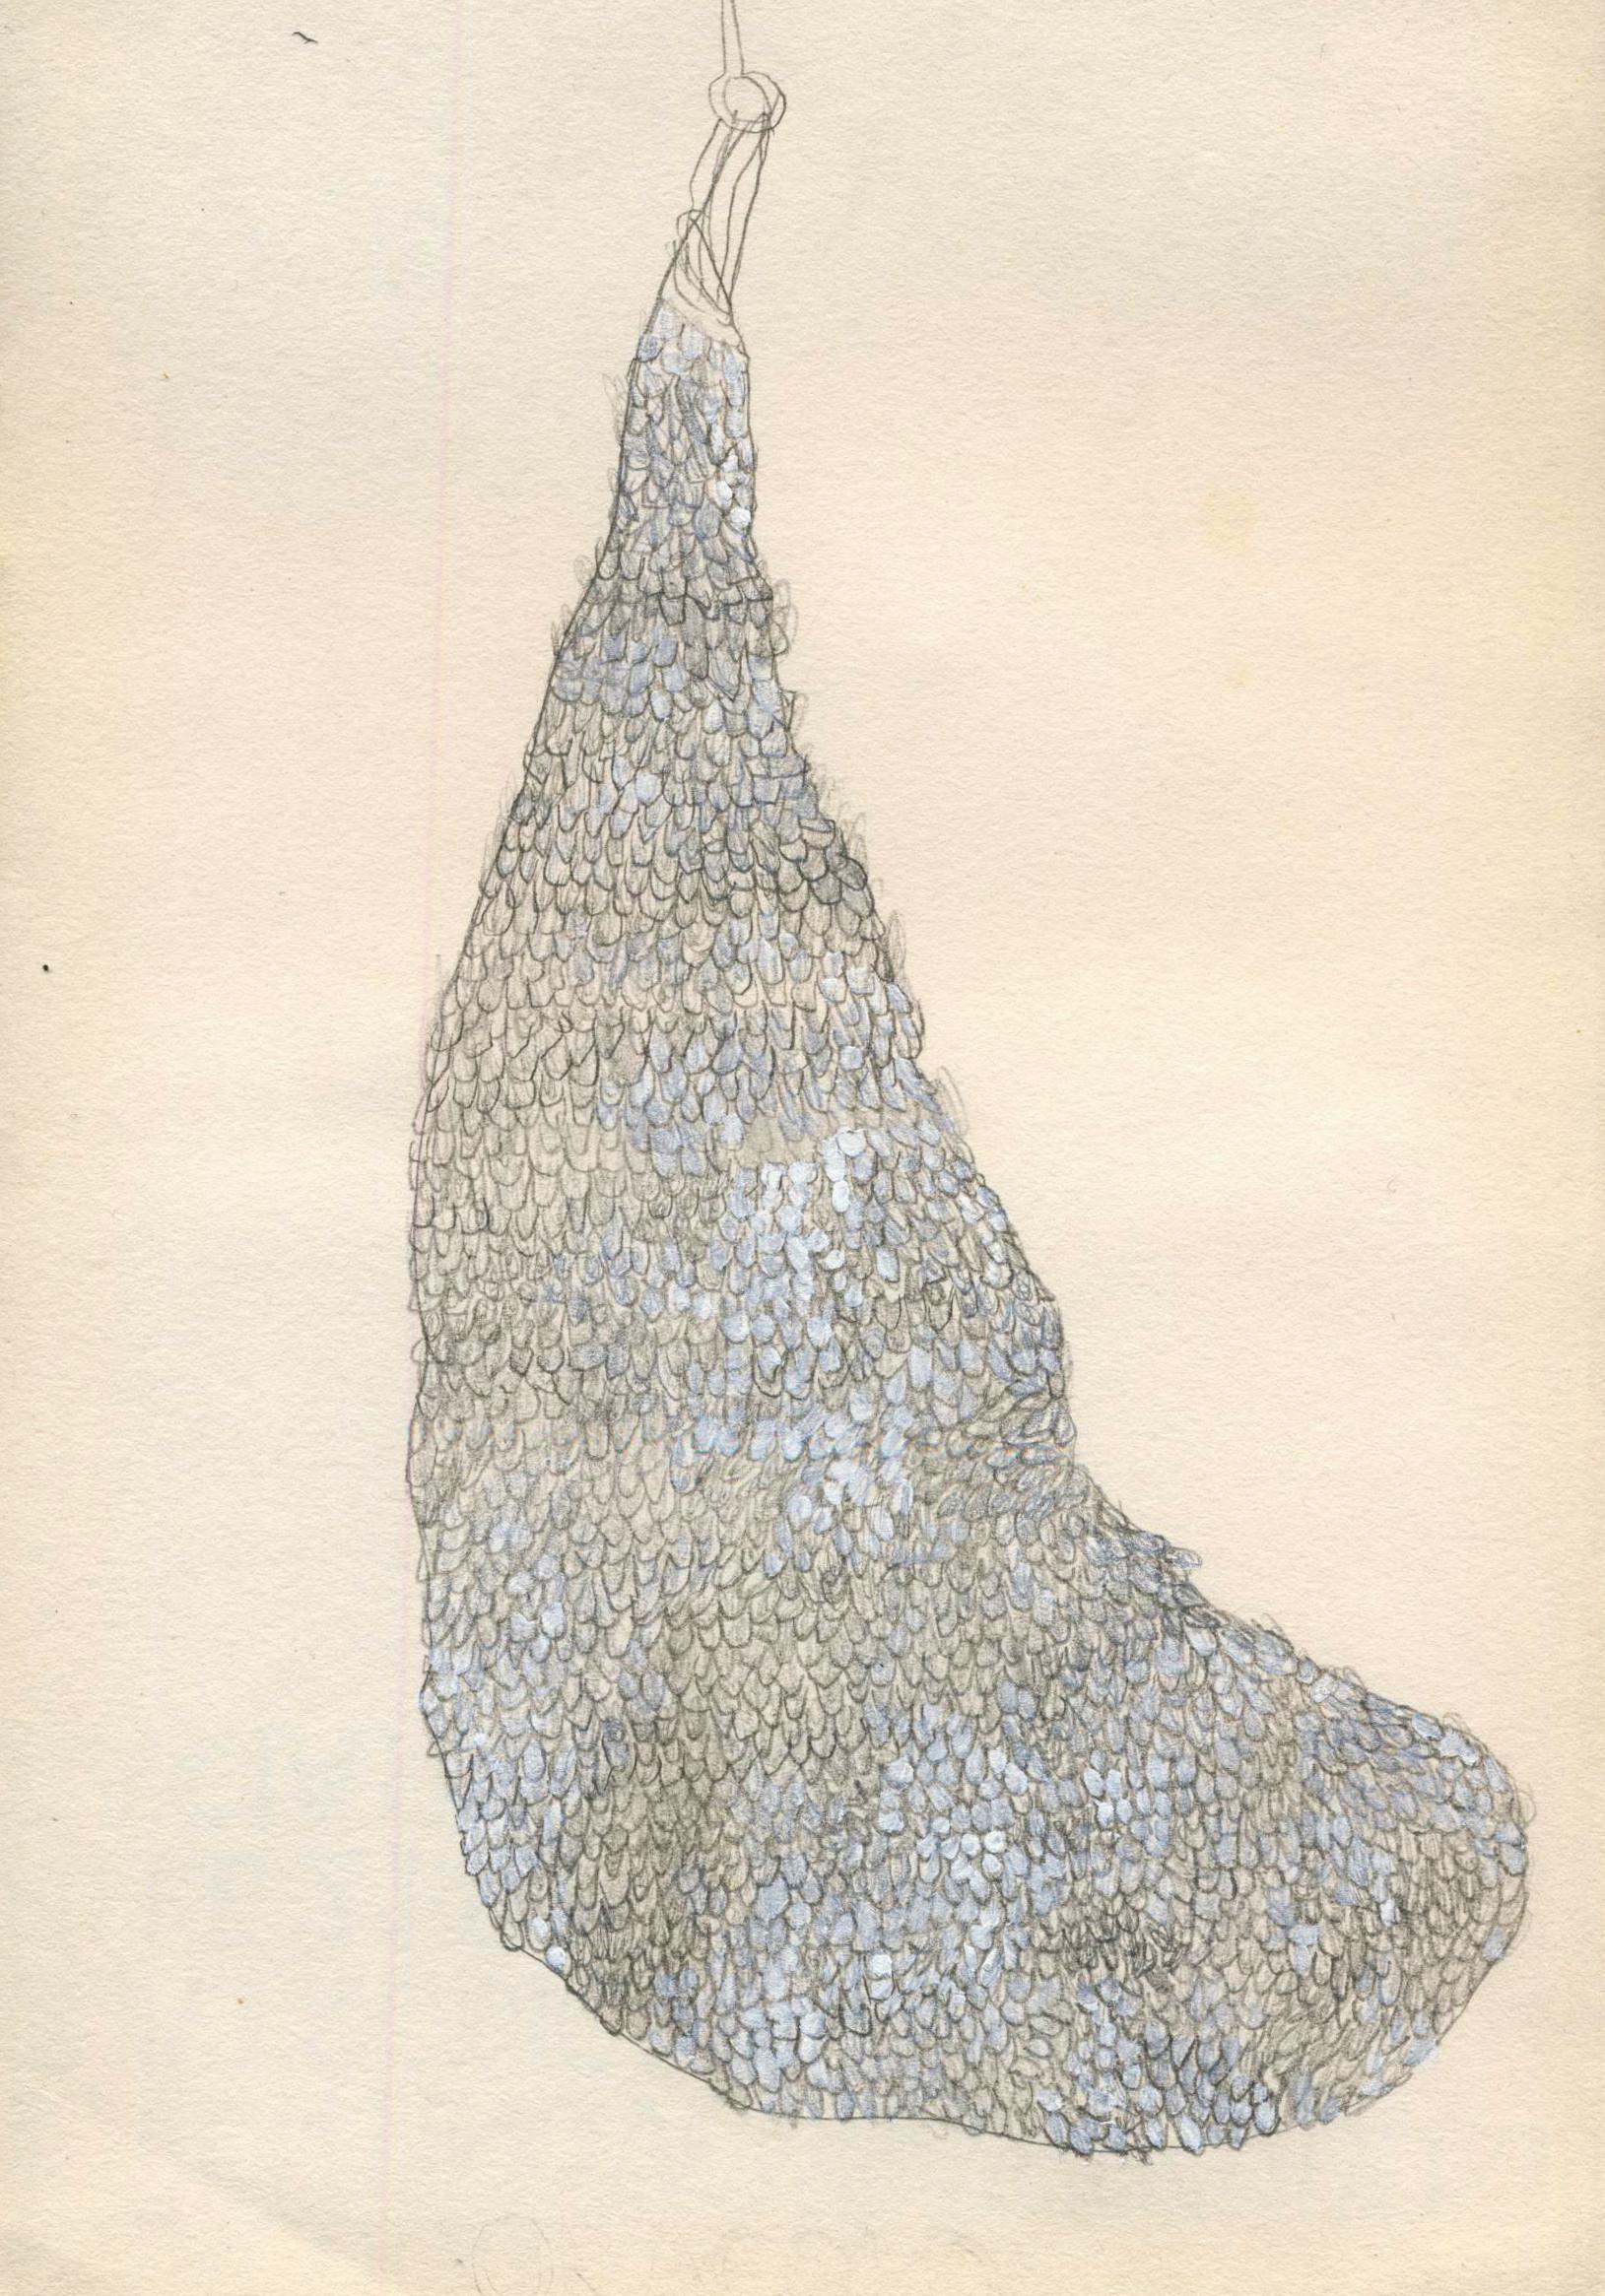 Marta Scanu, disegno, 2014, grafite e tempera su carta, 21 x 14 cm